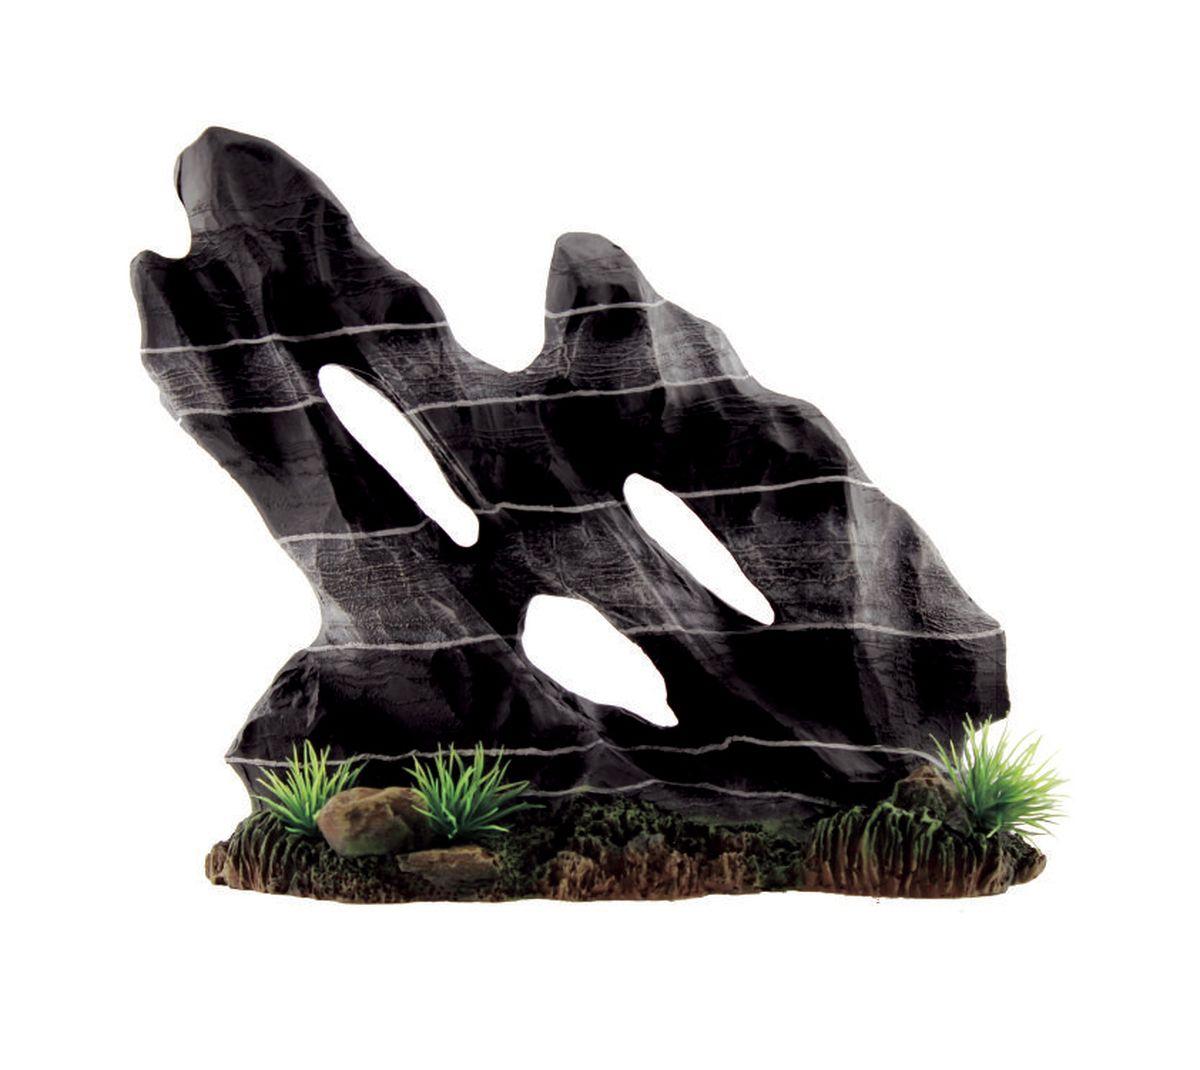 Декорация для аквариума ArtUniq Каменная скульптура, 23 x 8 x 19,5 см12171996Декорация ArtUniq – это яркая и важная часть любой композиции, она поможет вдохнуть жизнь в ландшафт любого аквариума или террариума. Декорация безопасна для обитателей аквариума, она не меняет параметры воды. Многие обитатели аквариума часто используют декорации как укрытия, в которых они живут и размножаются. Благодаря декорациям ArtUniq вы сможете создать прекрасный пейзаж на дне вашего аквариума или террариума.